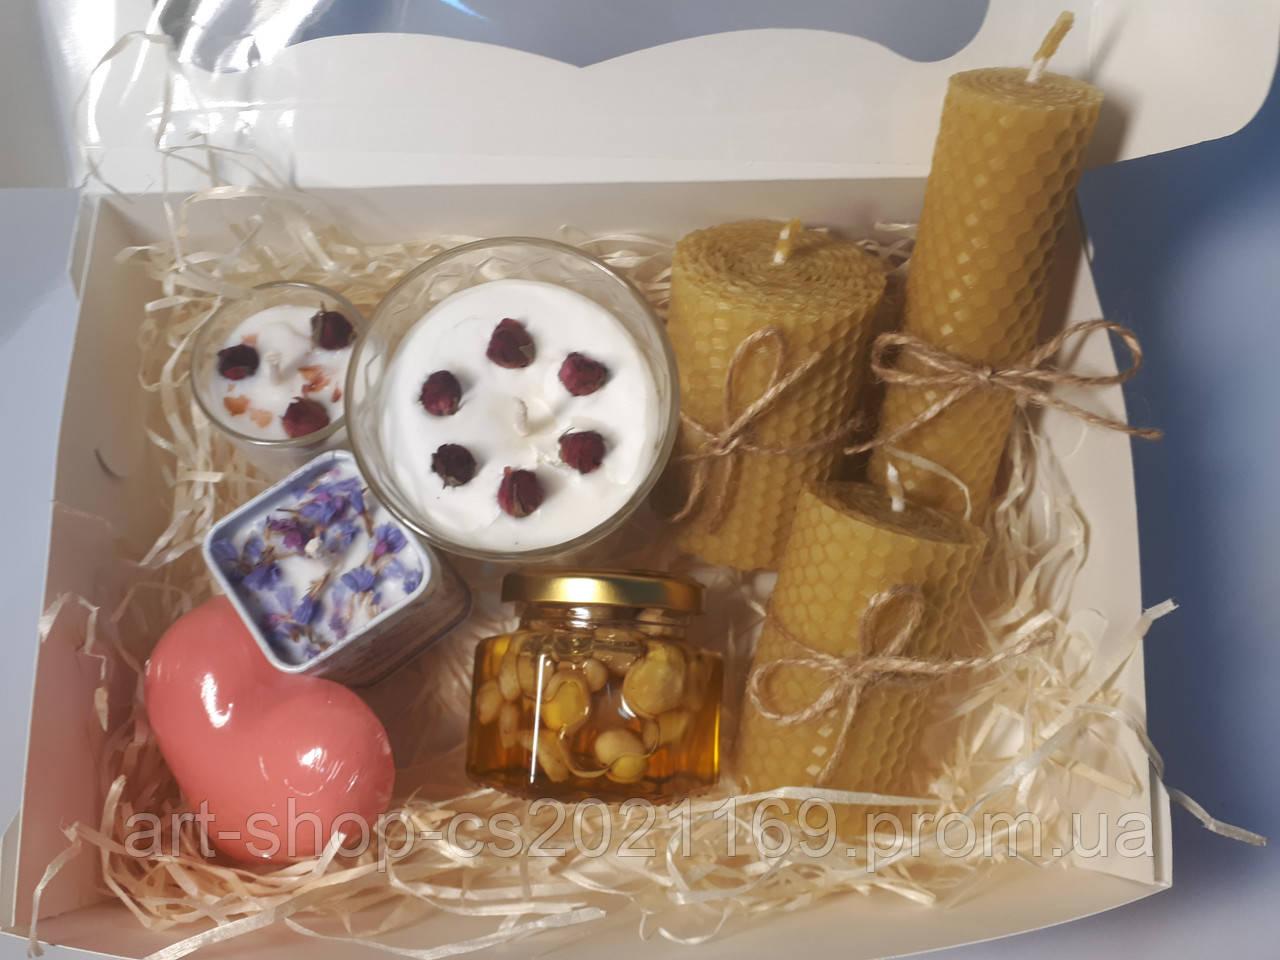 Свечи ручной работы со сладостями